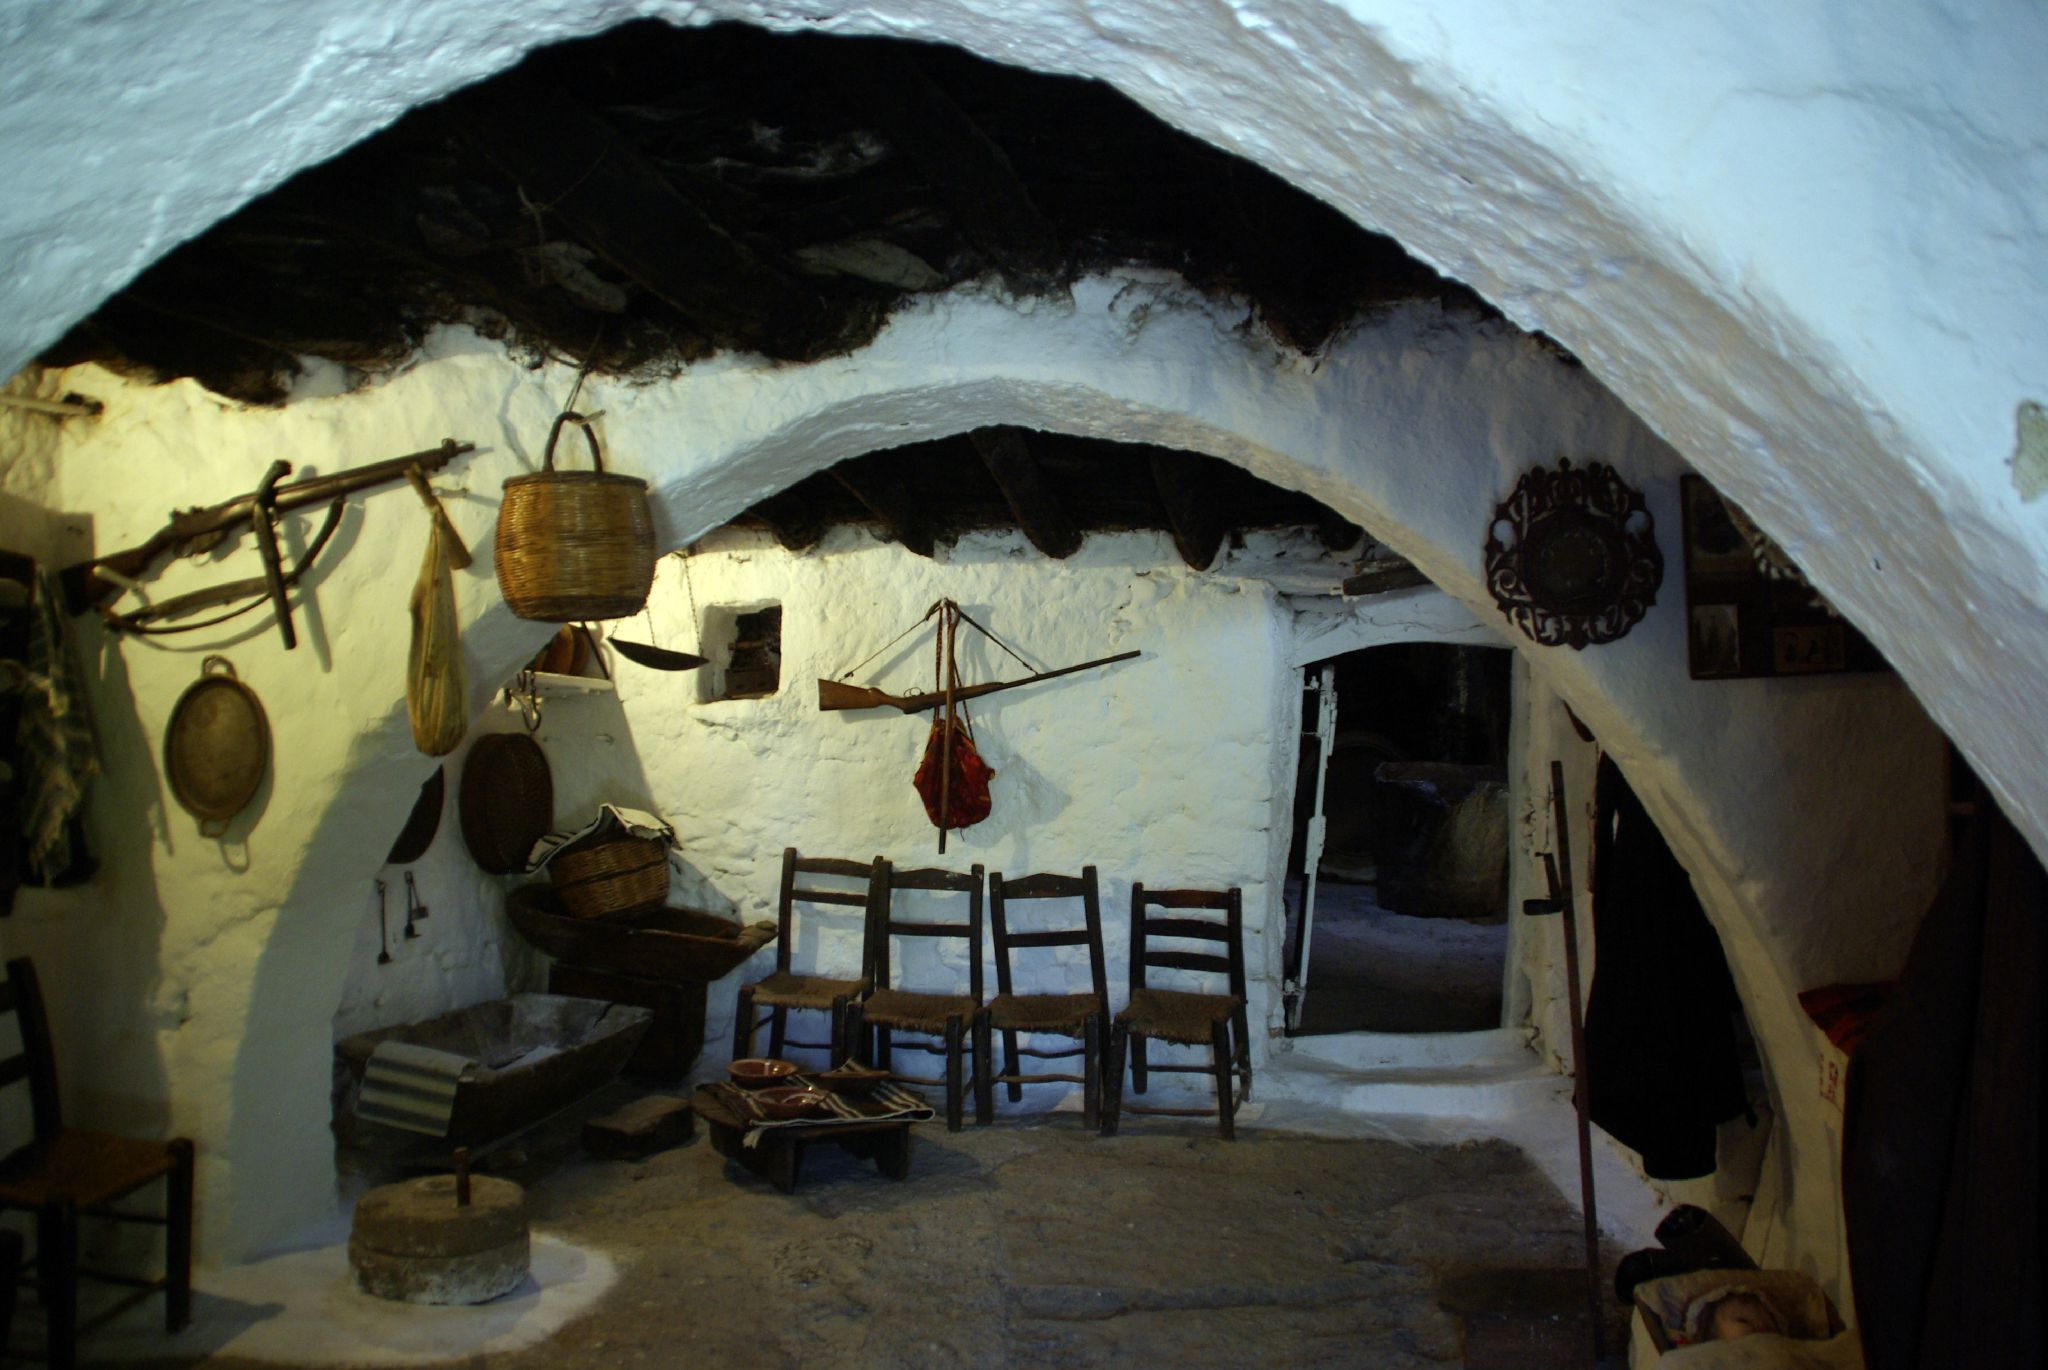 Int rieur d 39 une maison cr toise habit e jusqu 39 en 1979 photo de plateau de lassithi crete en for Interieur d une maison